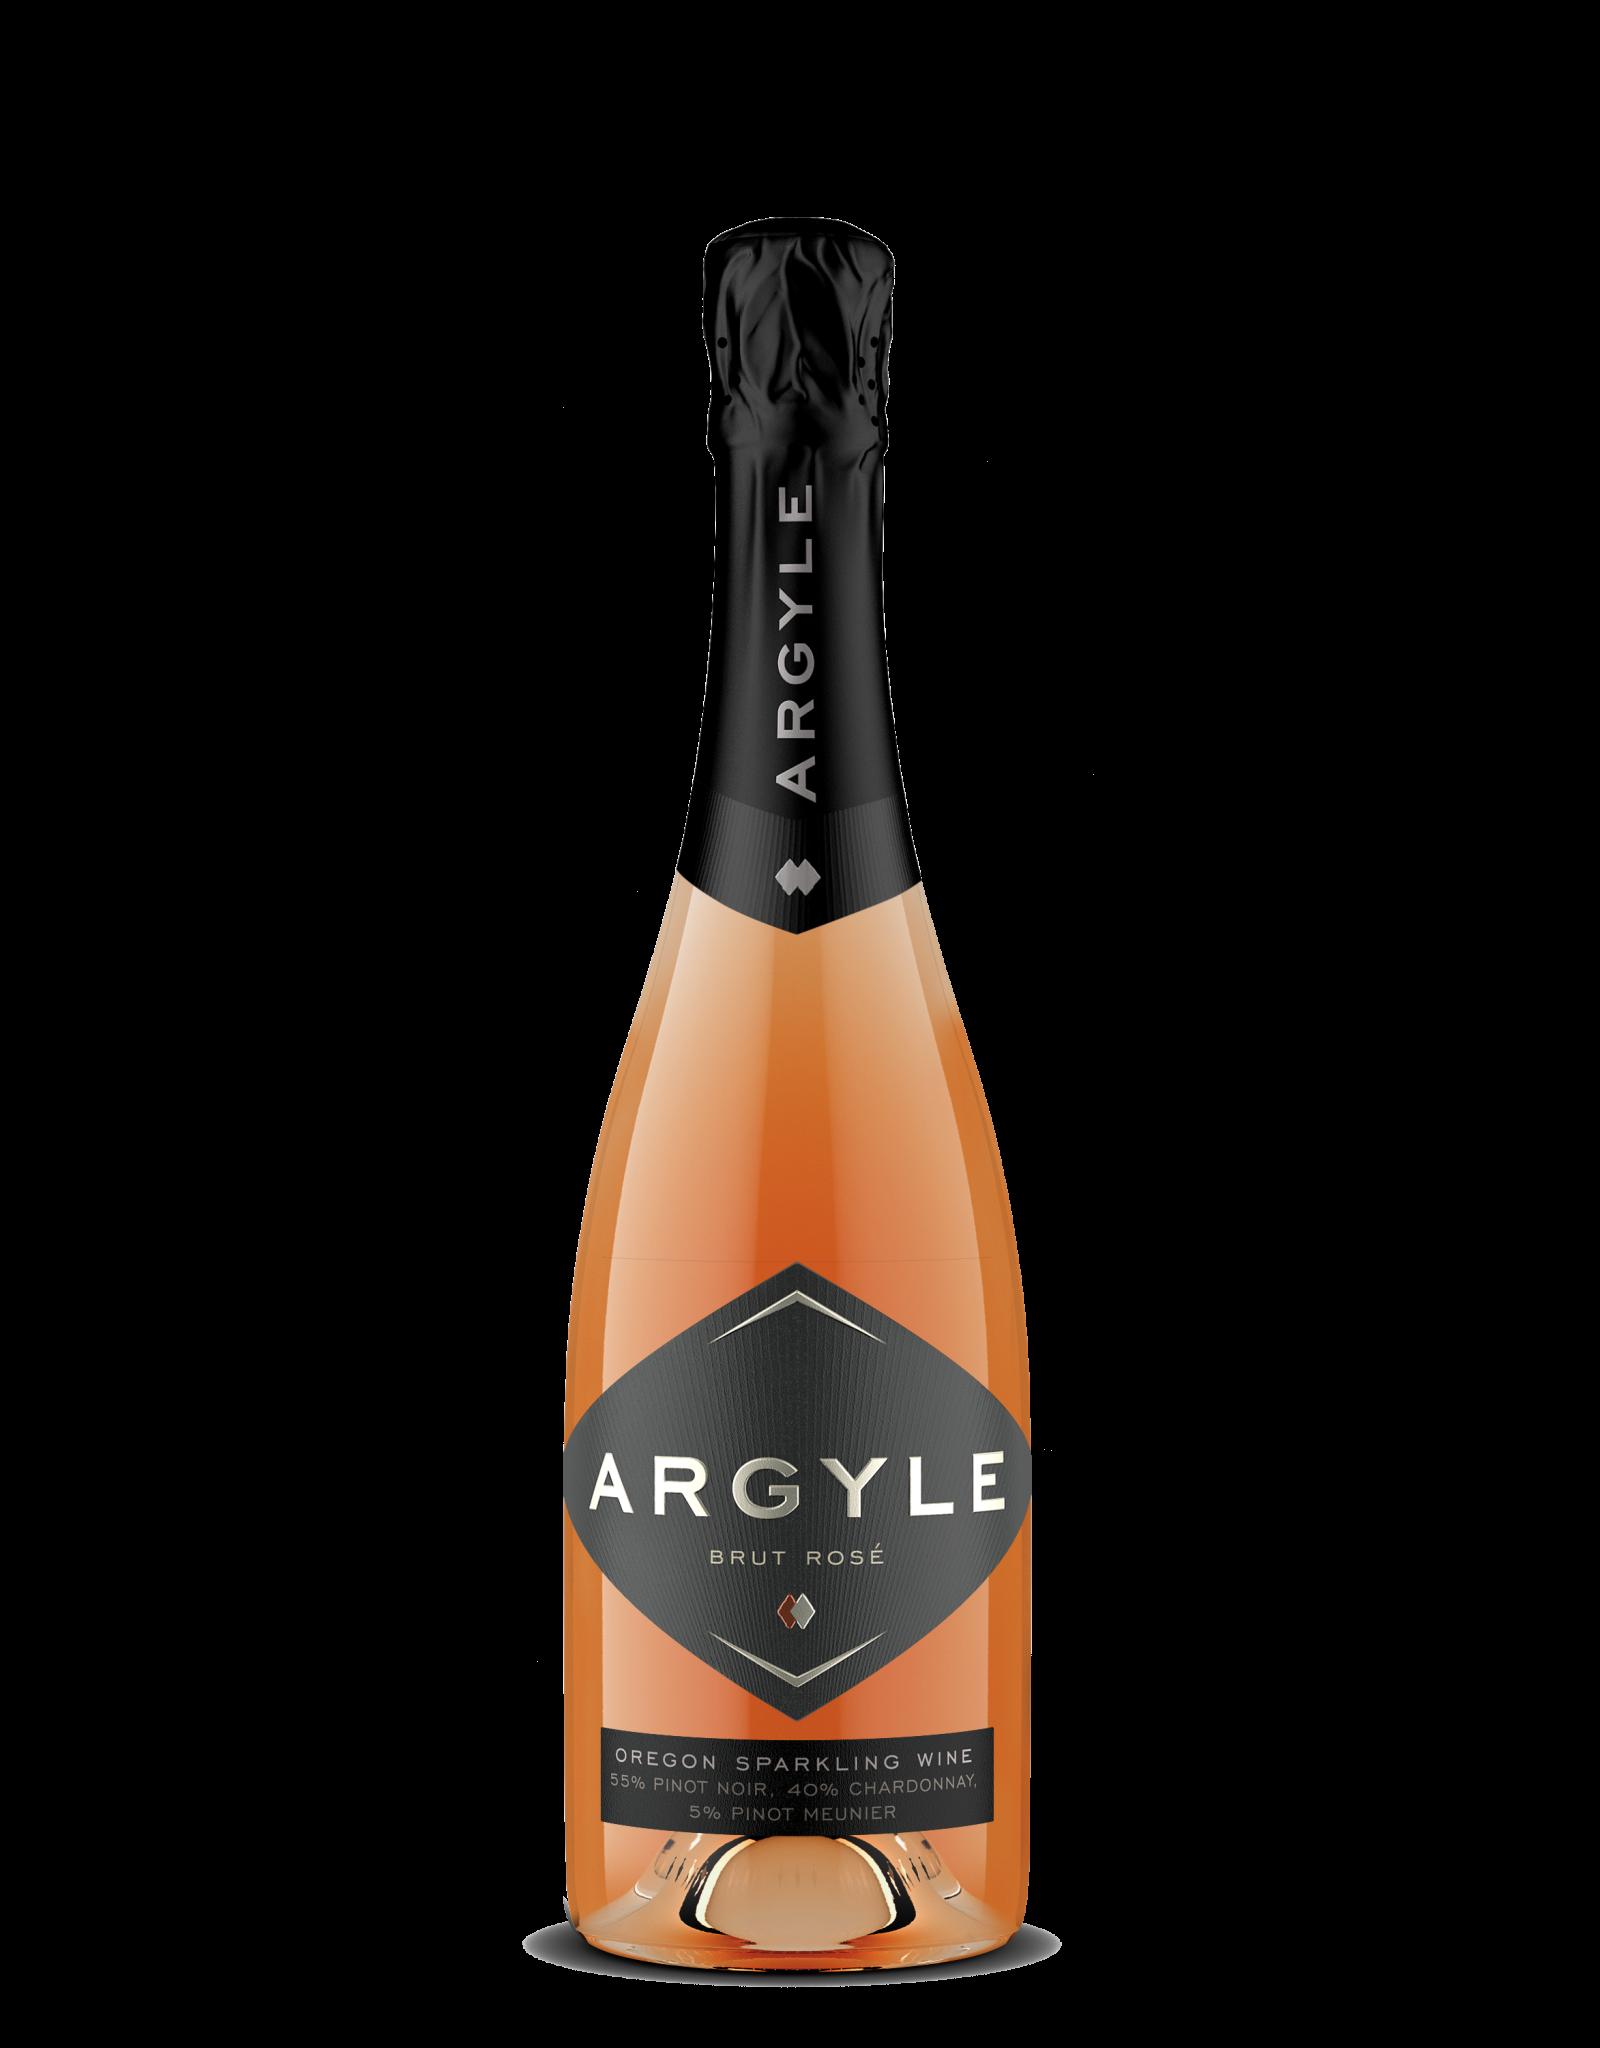 Argyle Brut Rose 2013